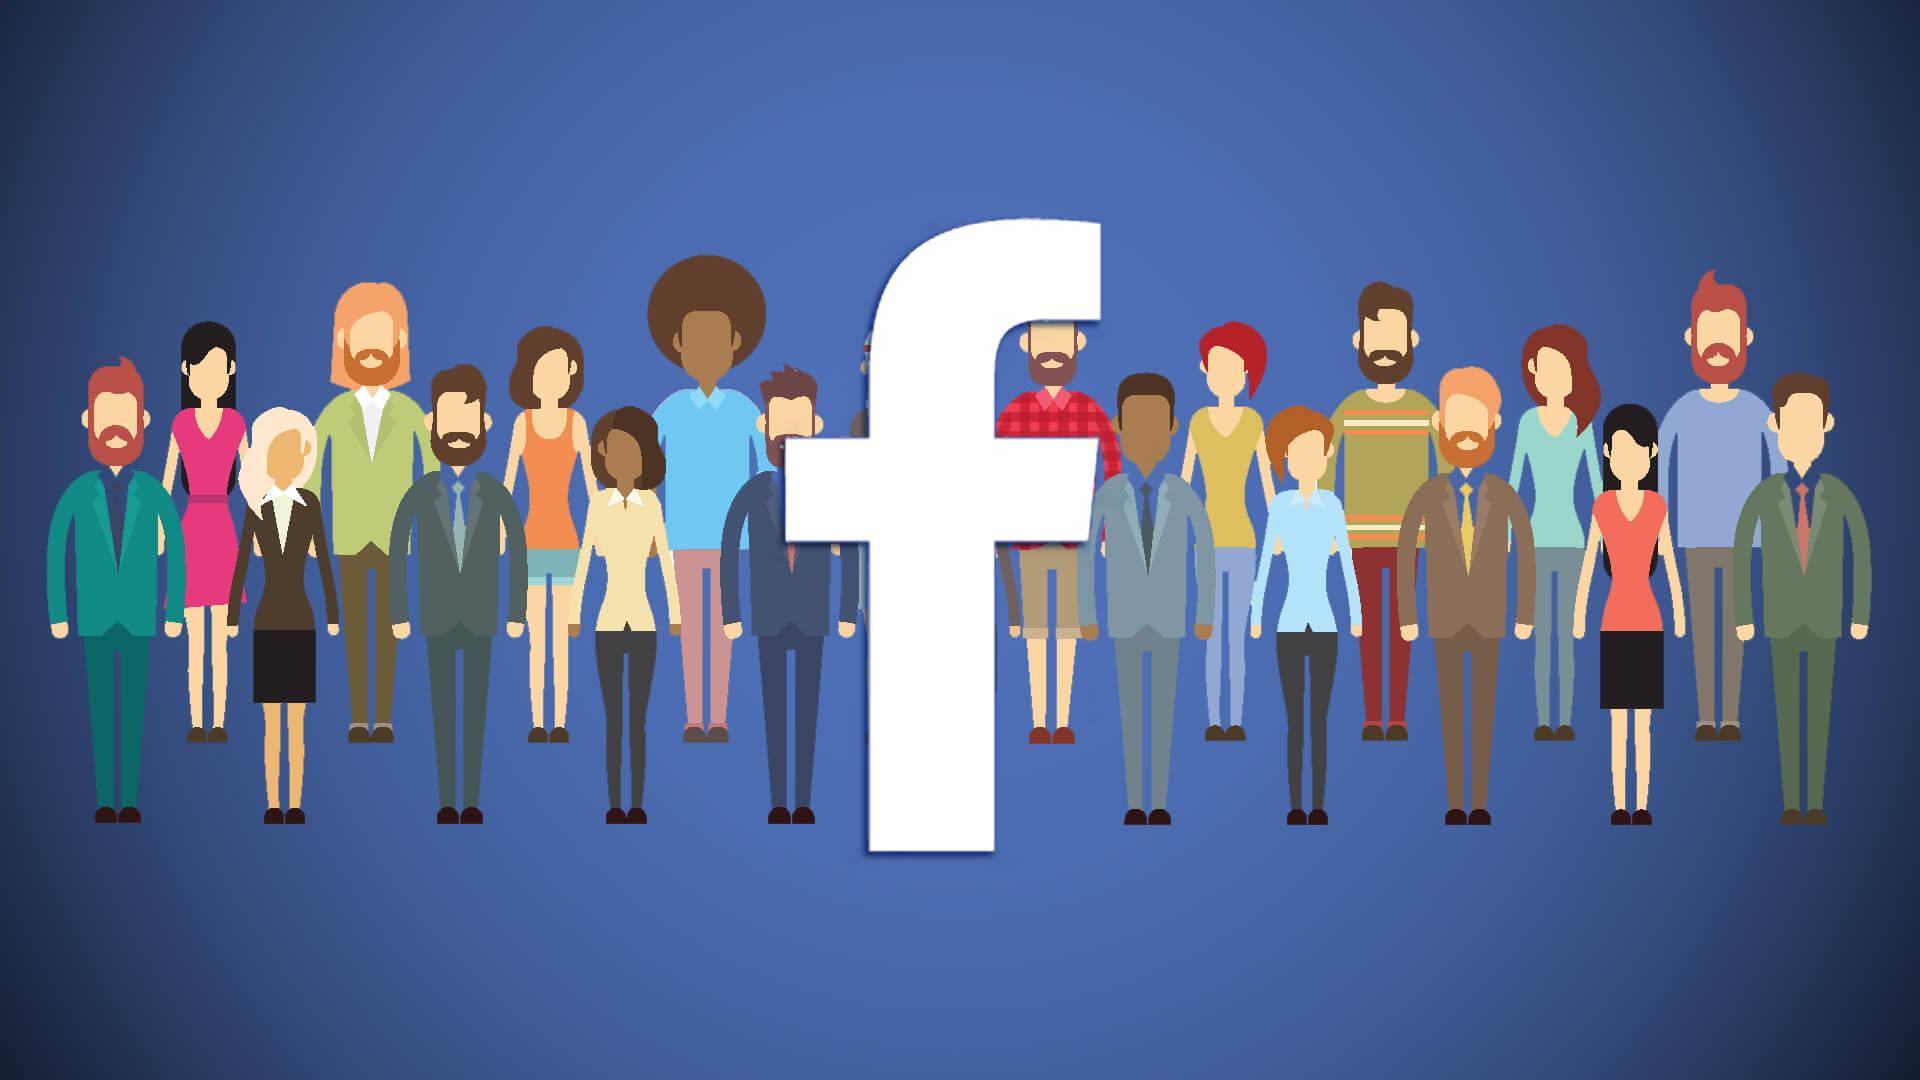 Prošlo je 15 godina od dolaska Facebooka, evo što se promijenilo i što tek dolazi